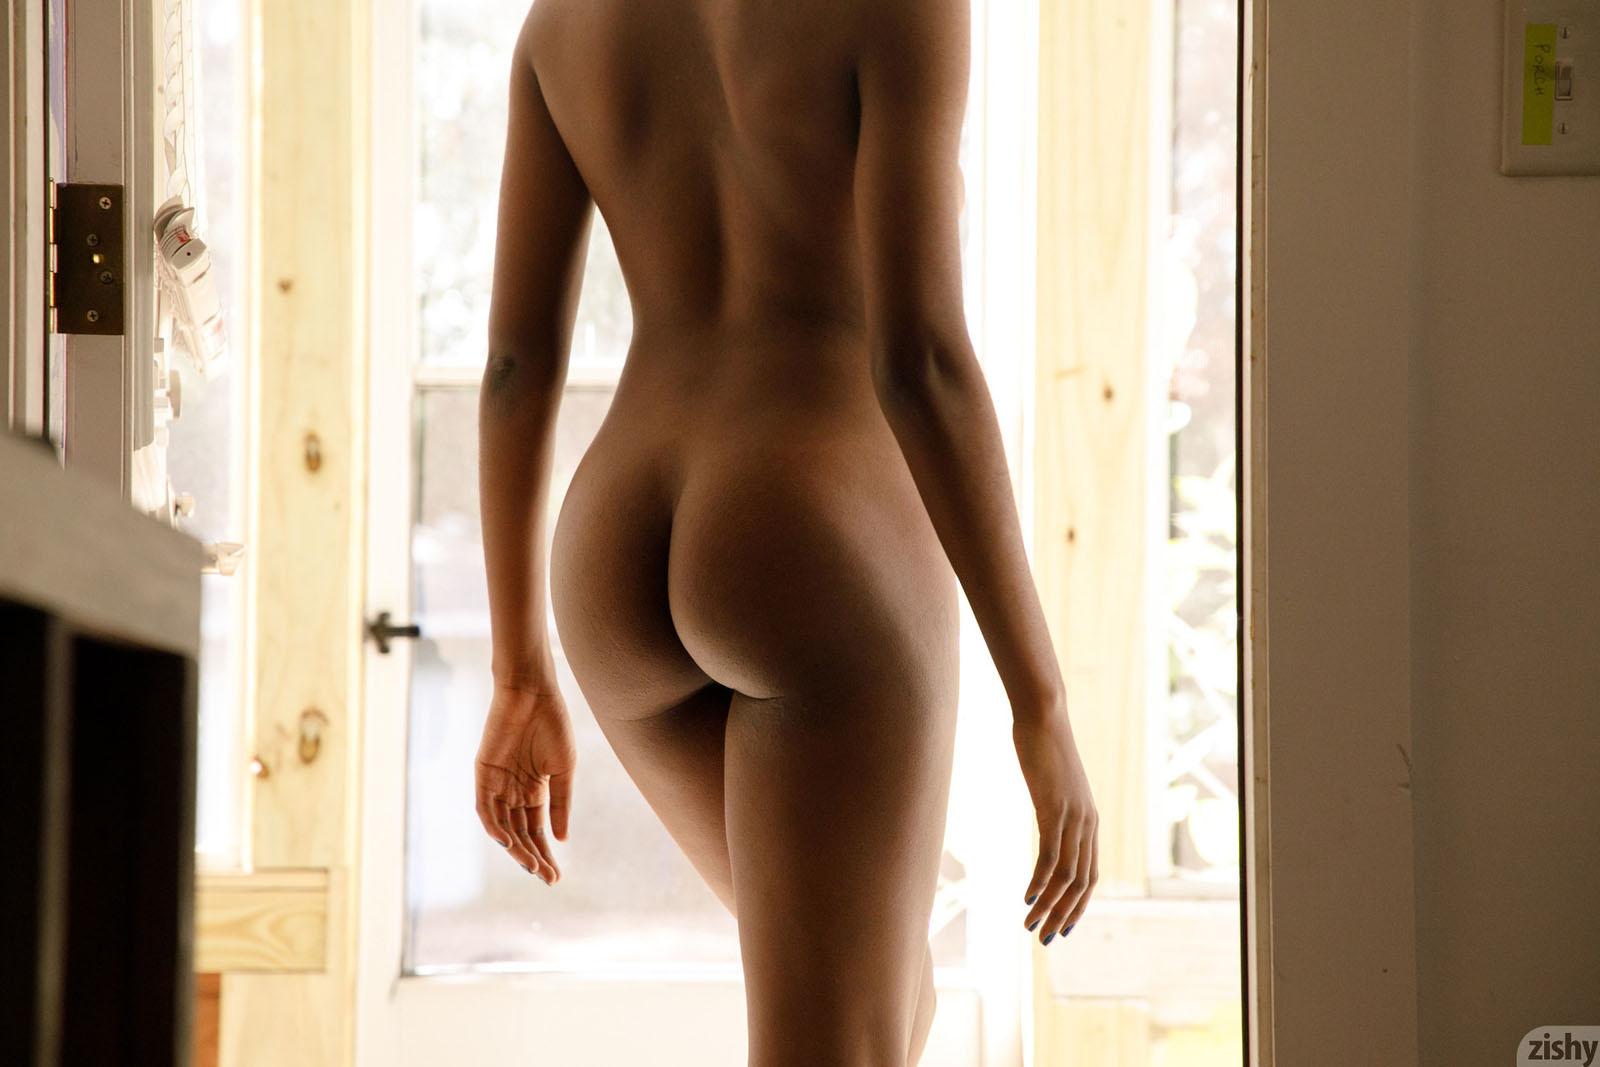 Oliver stone arrested elton john bids on naked kate moss lindsay lohan's dad sentenced